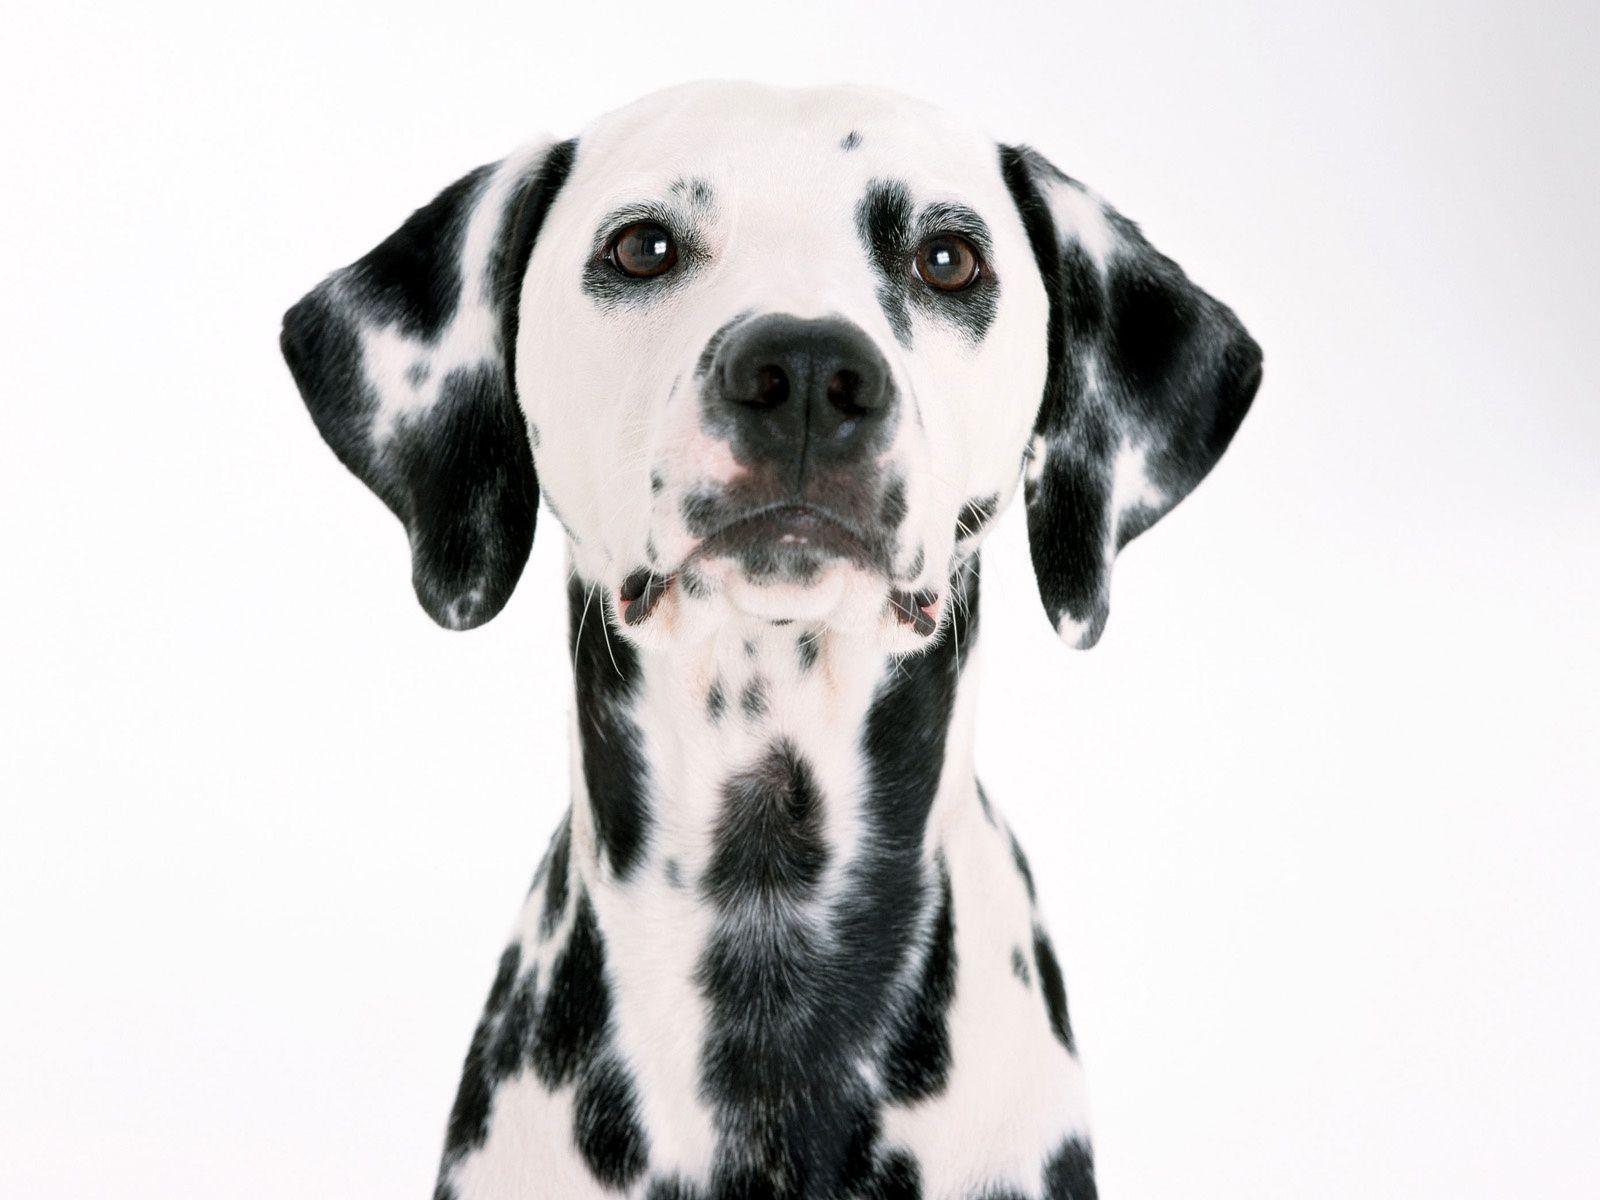 Black And White Dog Wallpaper Desktop Sdeerwallpaper